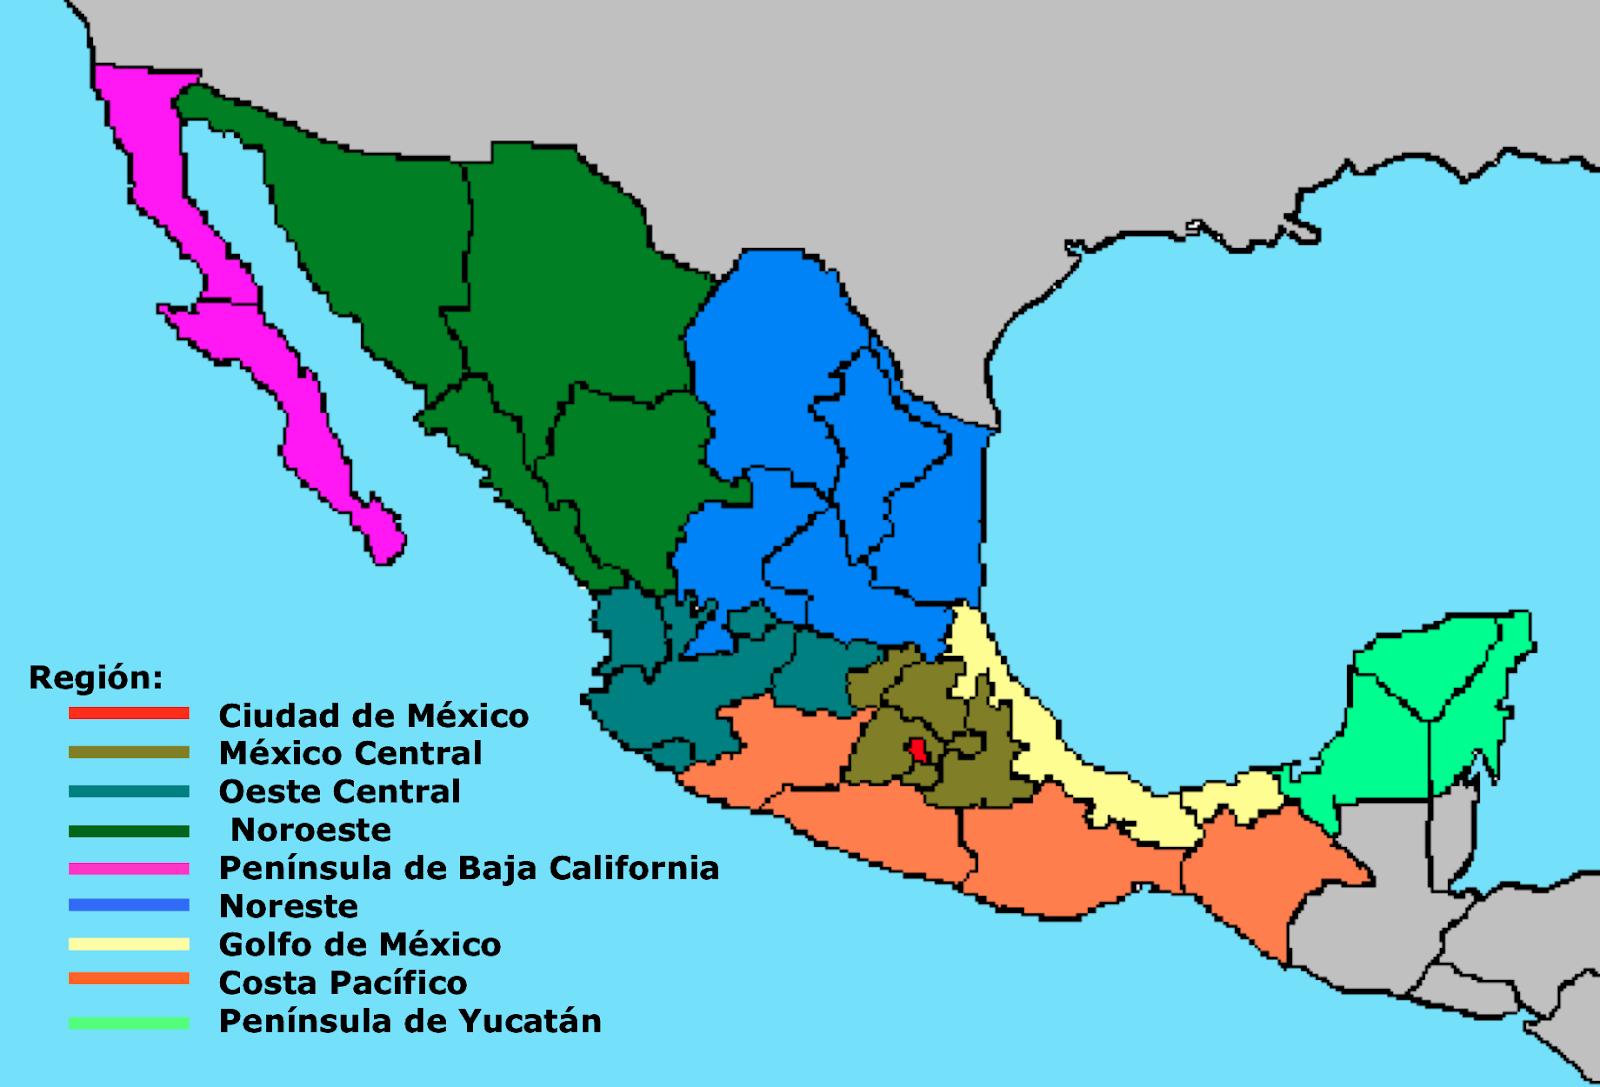 Regiones de México según la guía Michelin